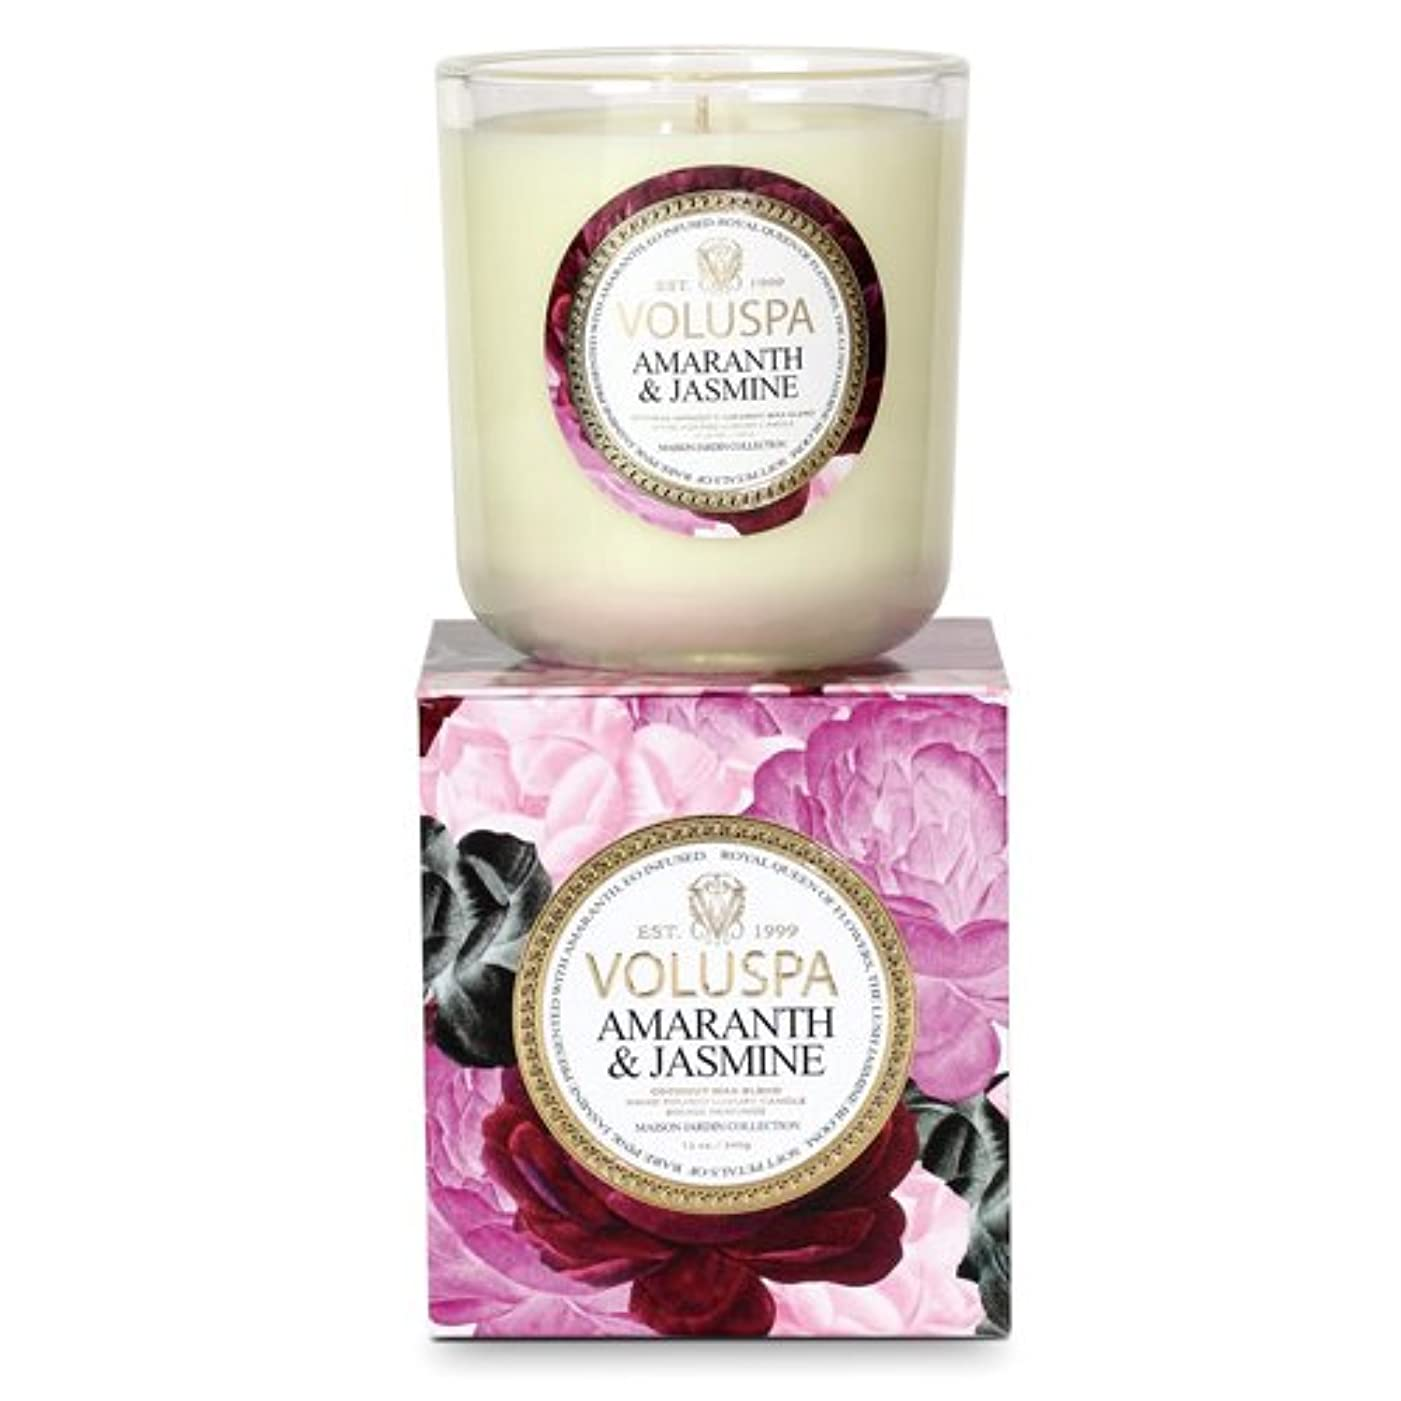 交渉する大騒ぎ精査するVoluspa ボルスパ メゾンジャルダン ボックス入りグラスキャンドル アマランス&ジャスミン MAISON JARDIN Box Glass Candle AMARANTH & JASMINE